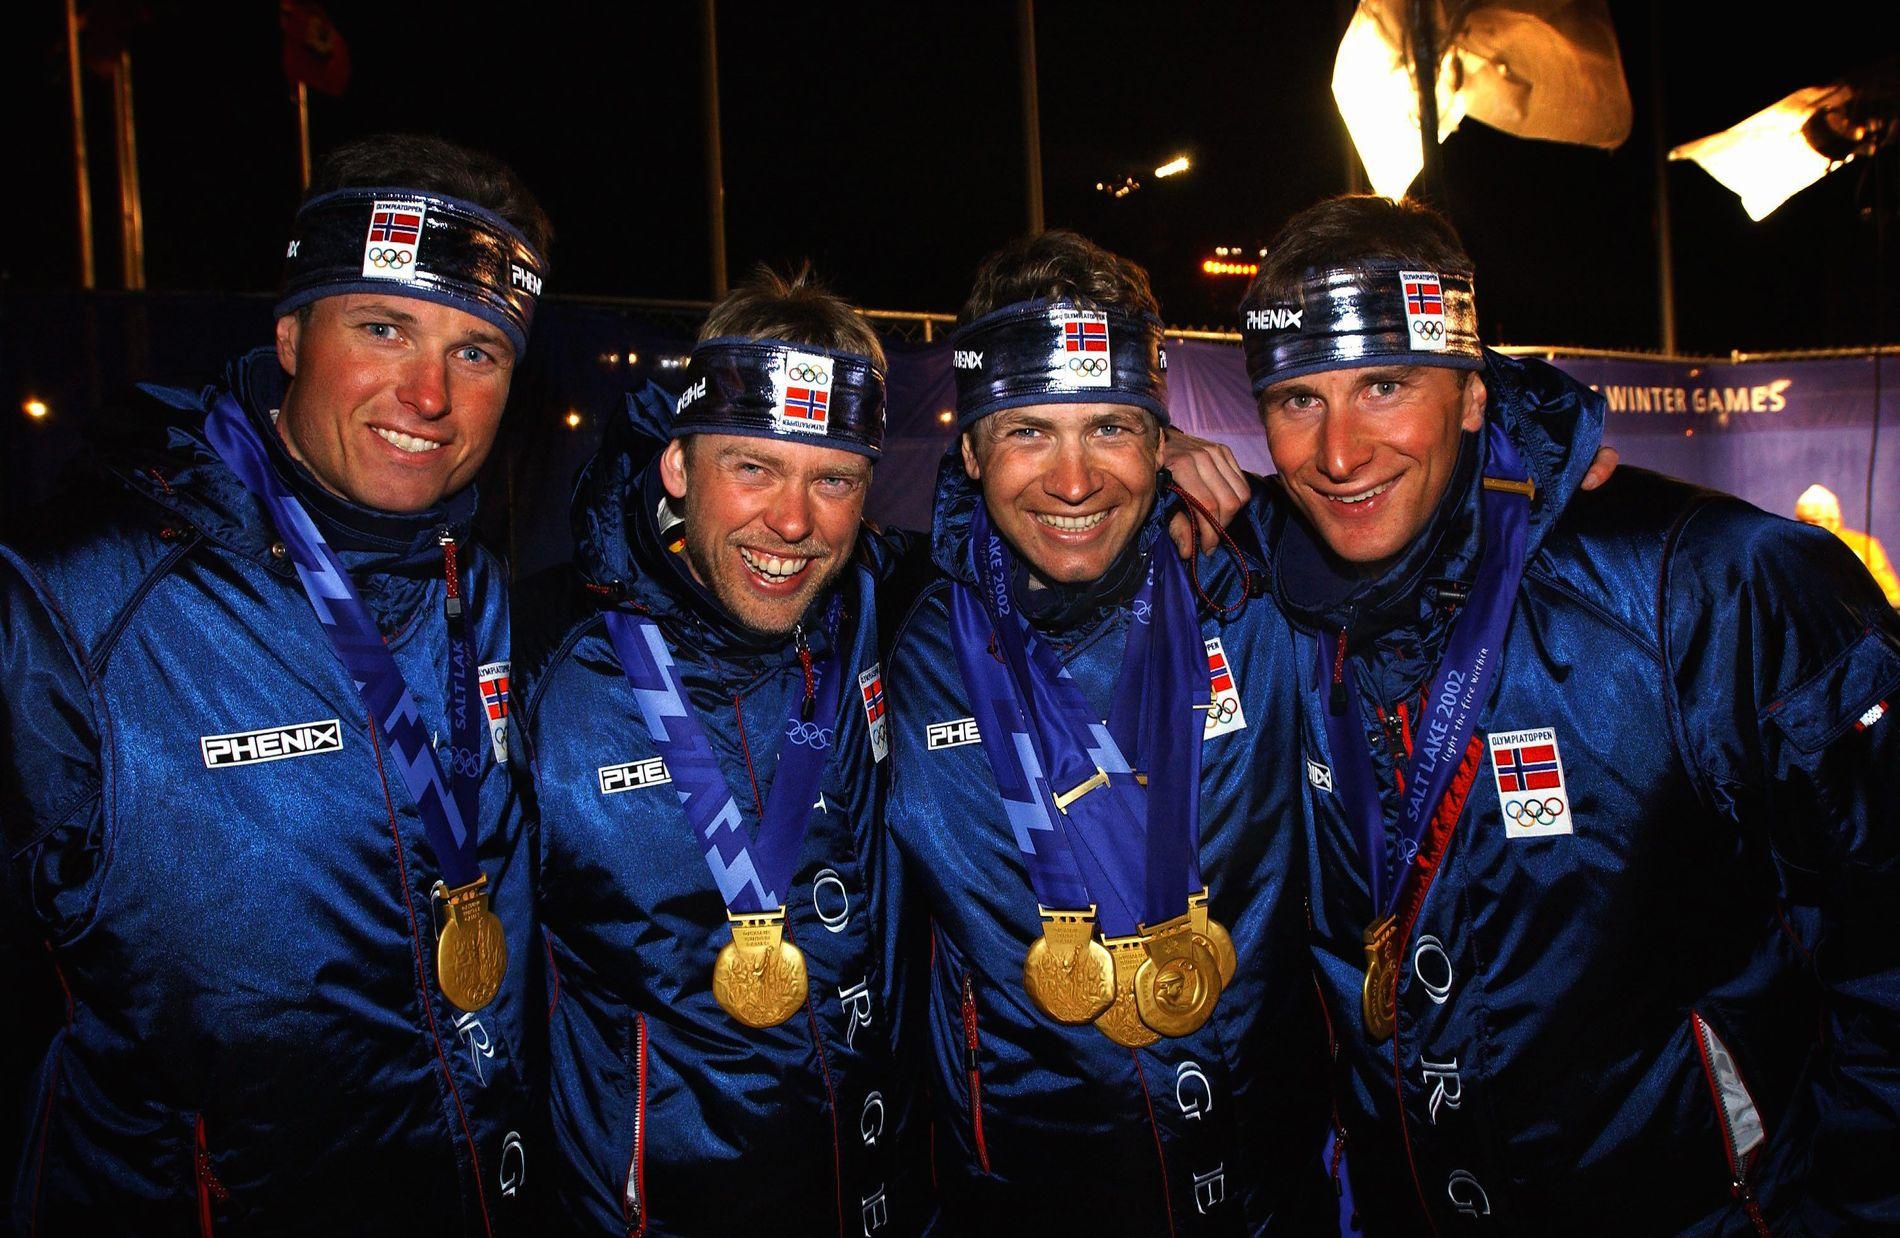 STAFETTGULL 2002: Frode Andresen, Halvard Hanevold, Ole Einar Bjørndalen og Egil Gjelland med gullmedaljene sine etter medaljeseremonien i Salt Lake i 2002.